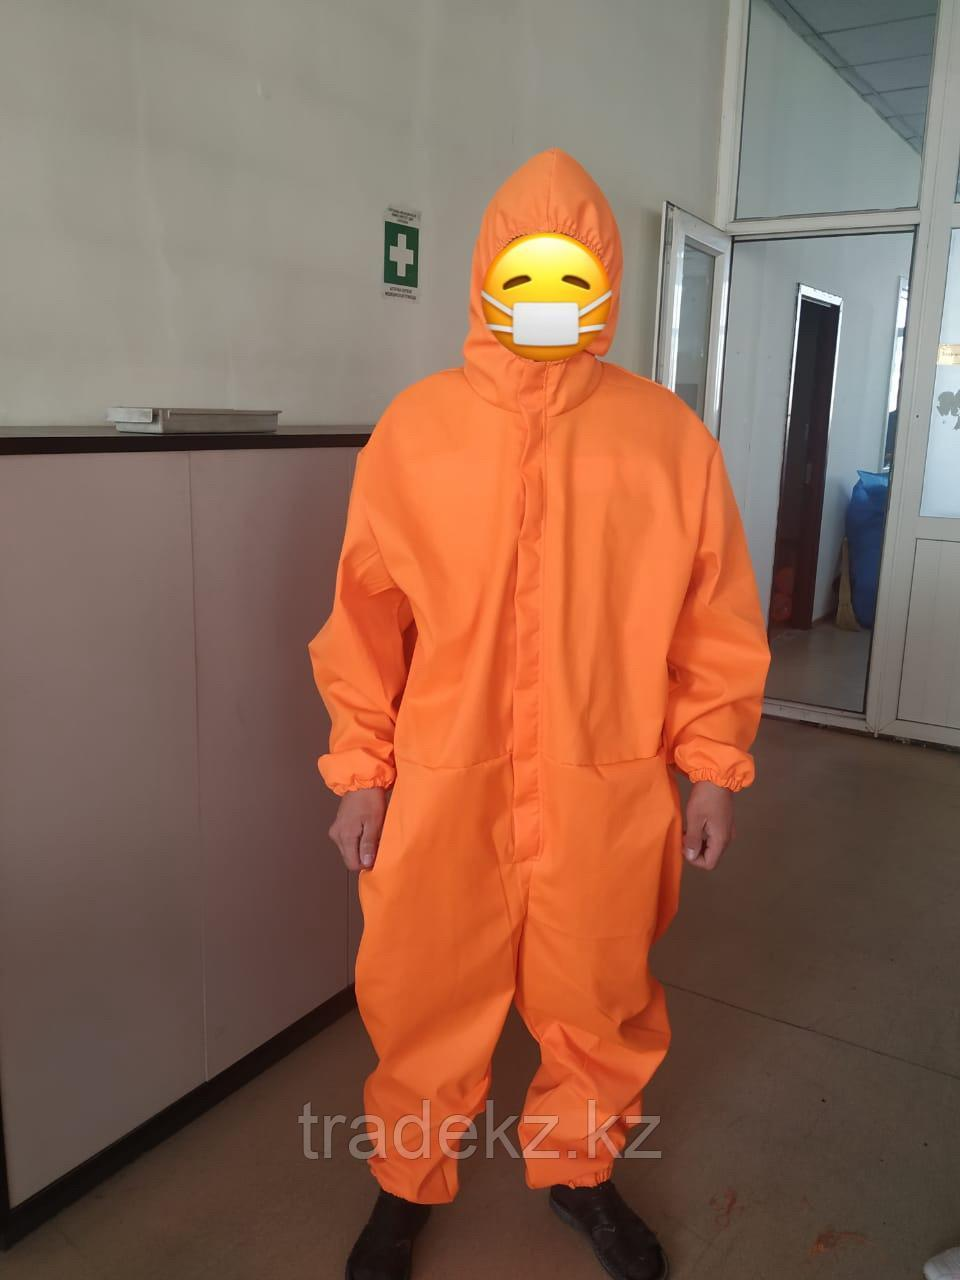 Костюм комбинезон многоразовый, цвет оранжевый